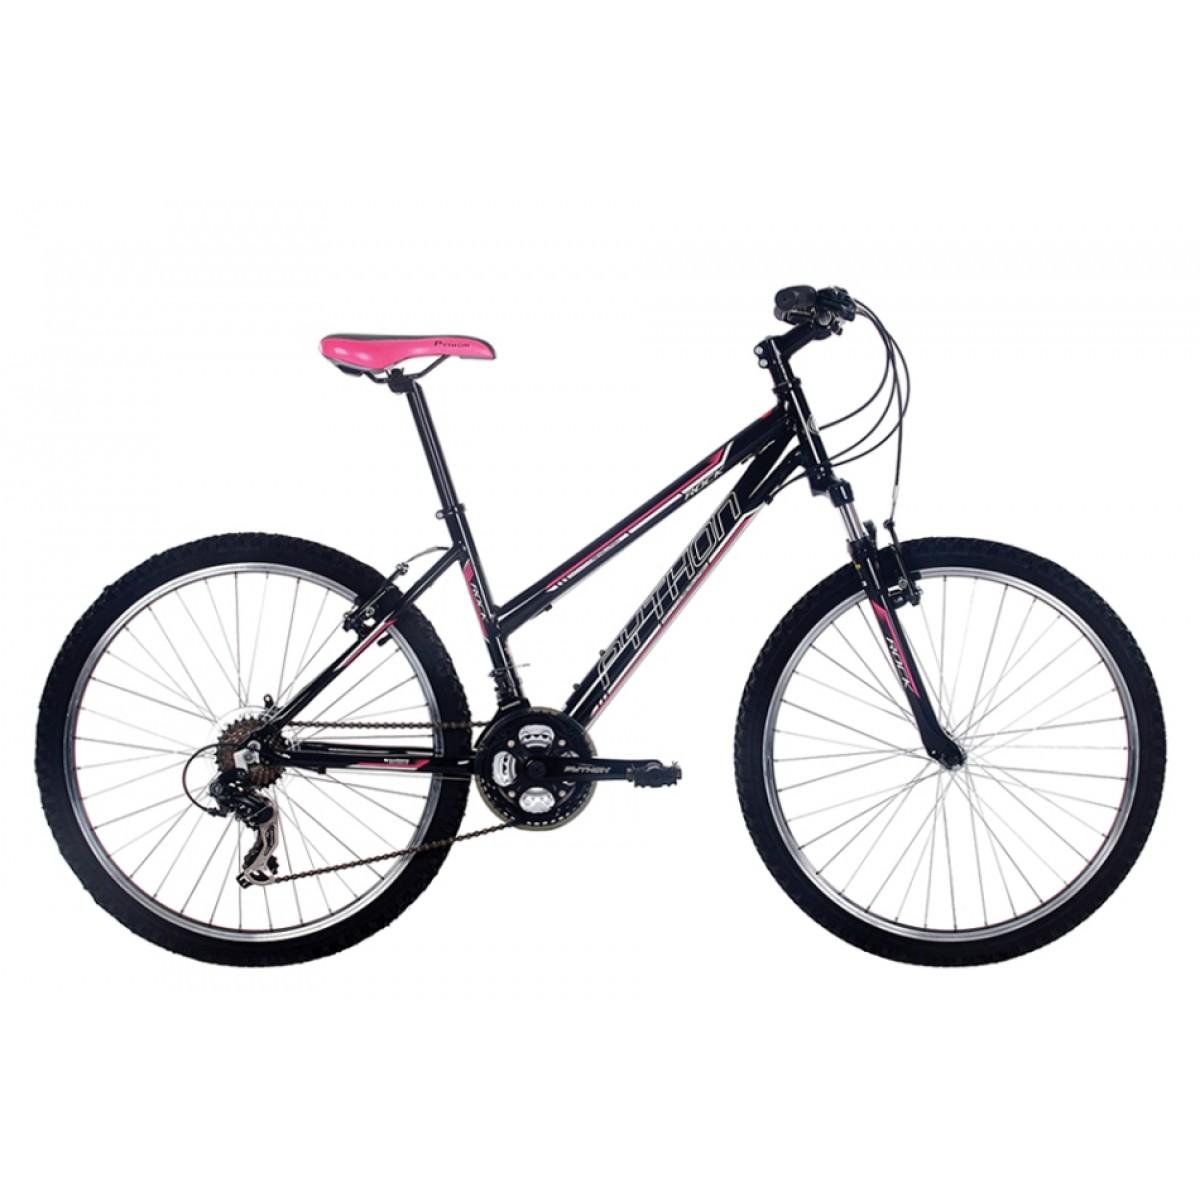 Ga Bulldog Bike